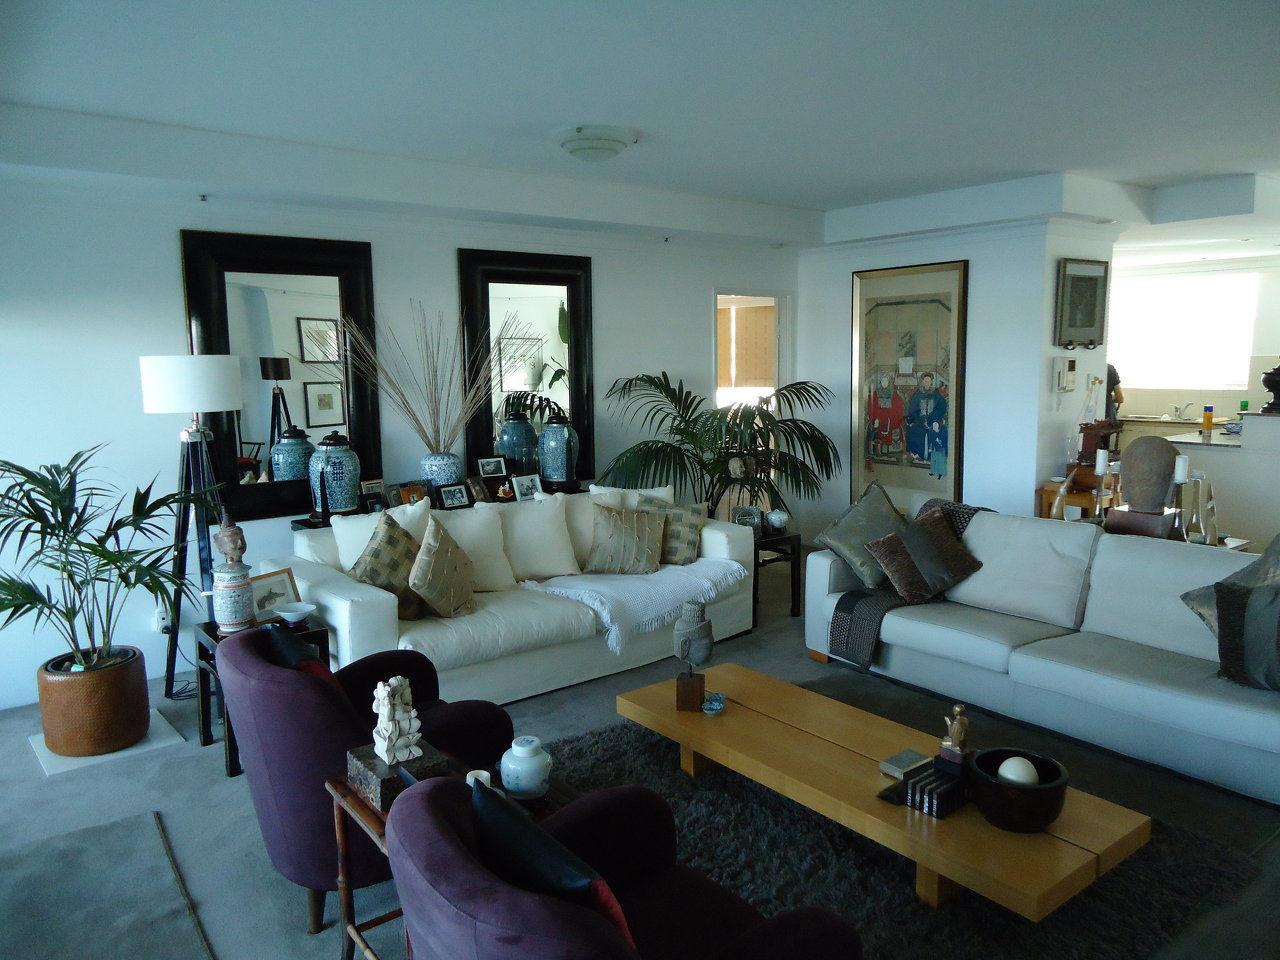 Mel feemjf id interior design gold coast wixcom for Interior decorating gold coast